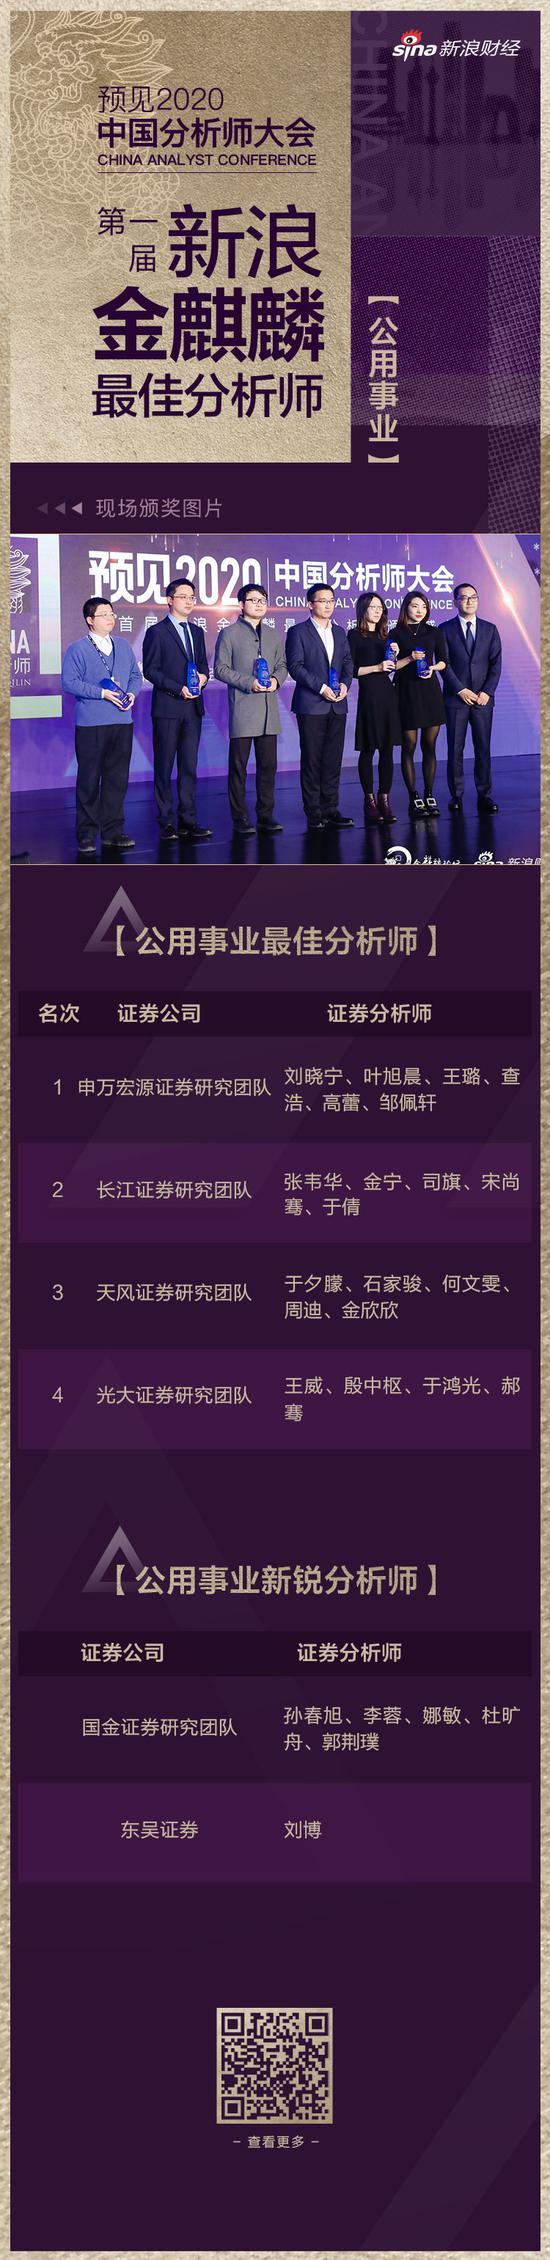 澳门贵族注册网址_[HKES消息] 前星际2选手Sen加盟HKA担任教练